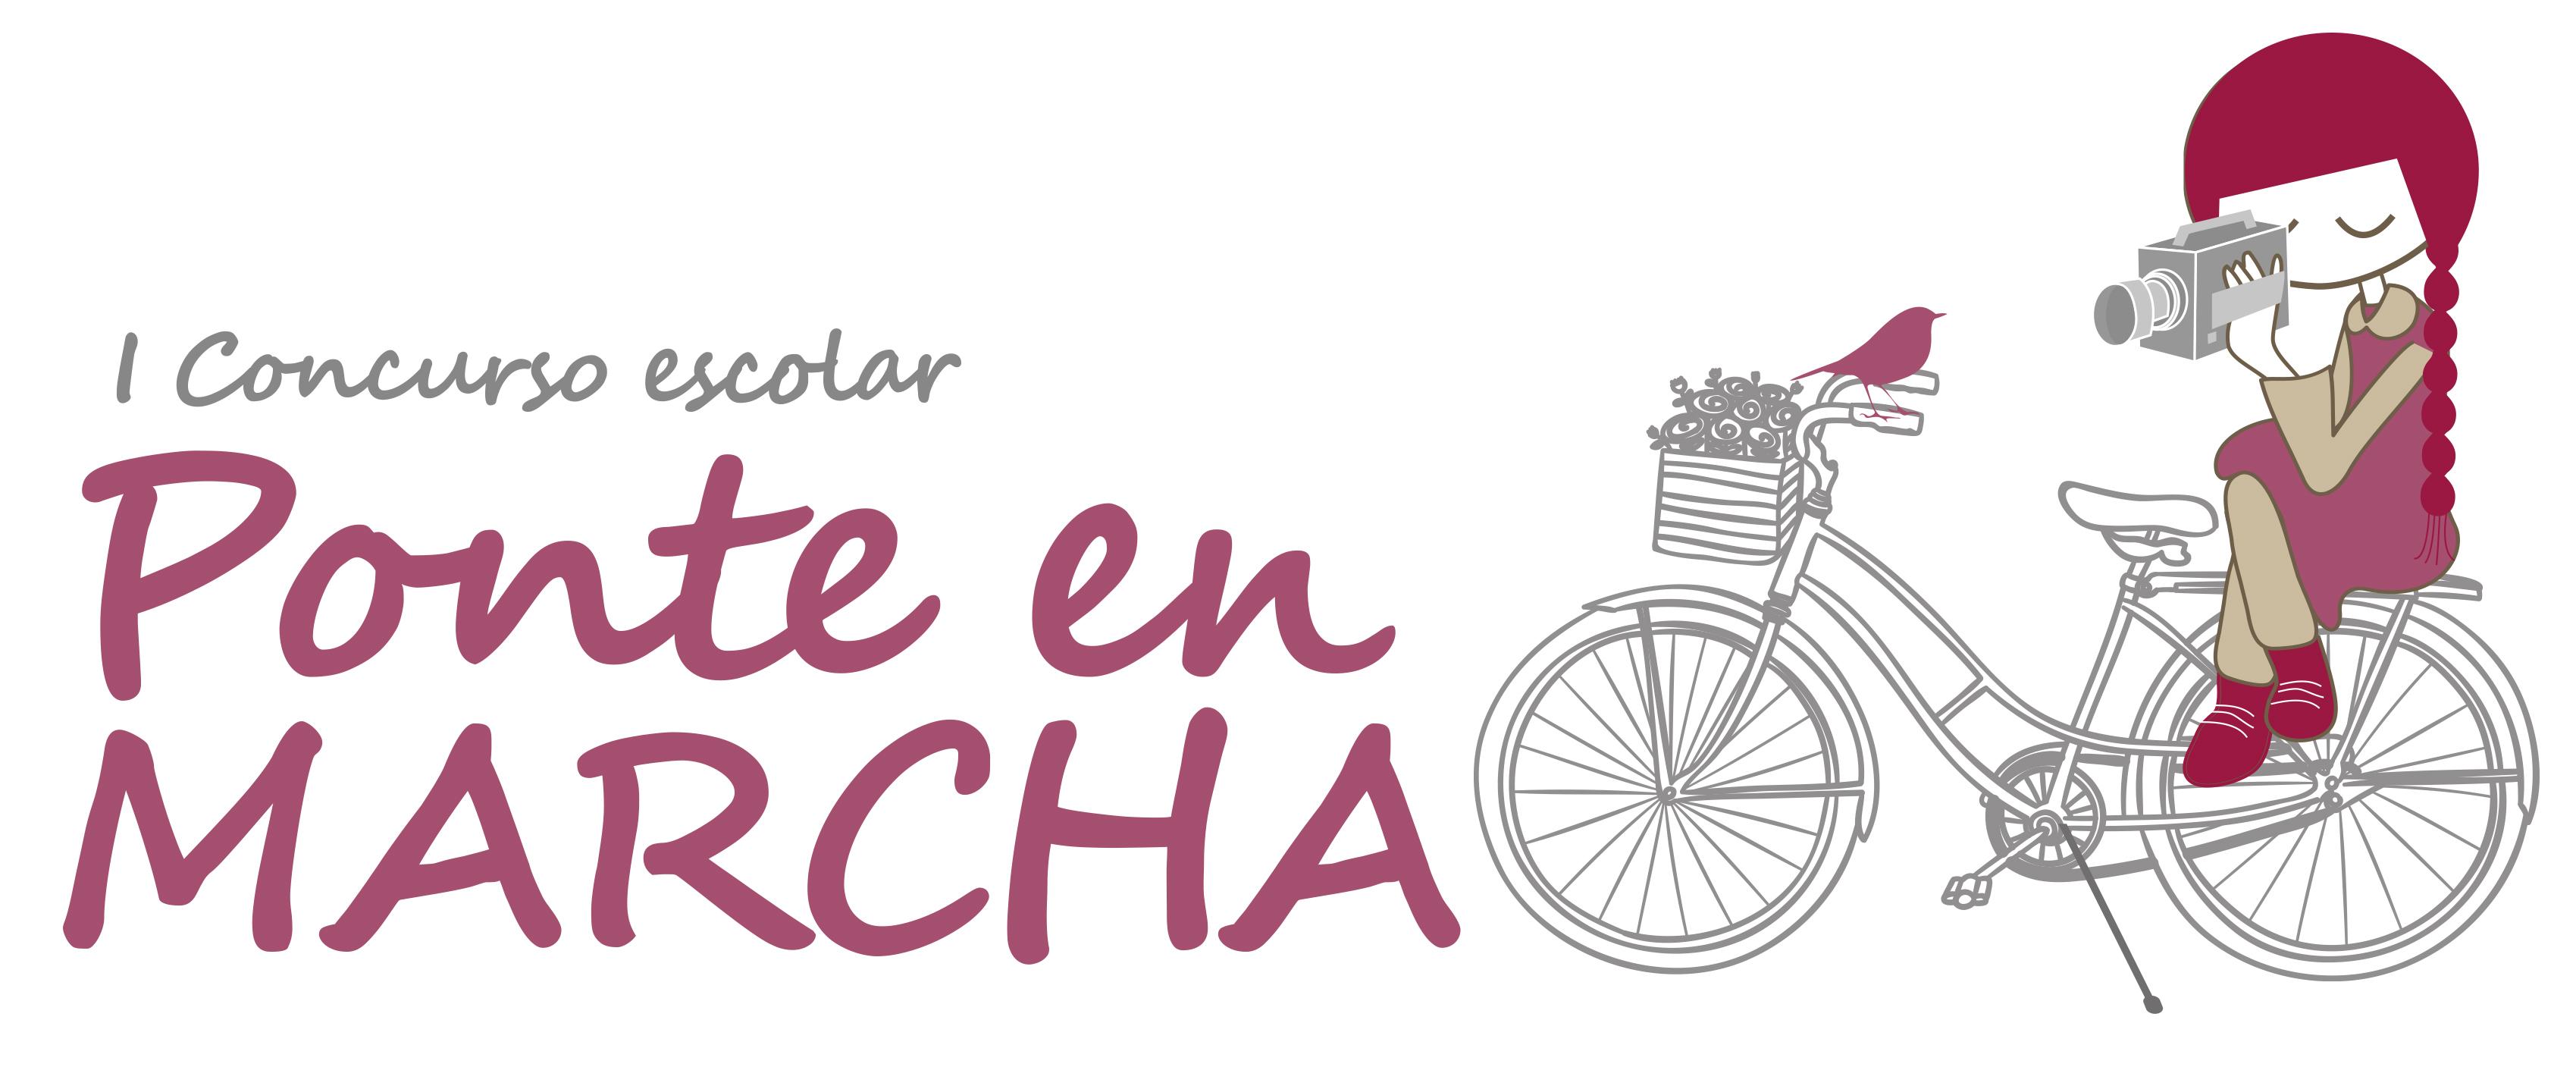 Concurso Escolar Ponte en Marcha2 (ponte en marcha logojpg.jpg)